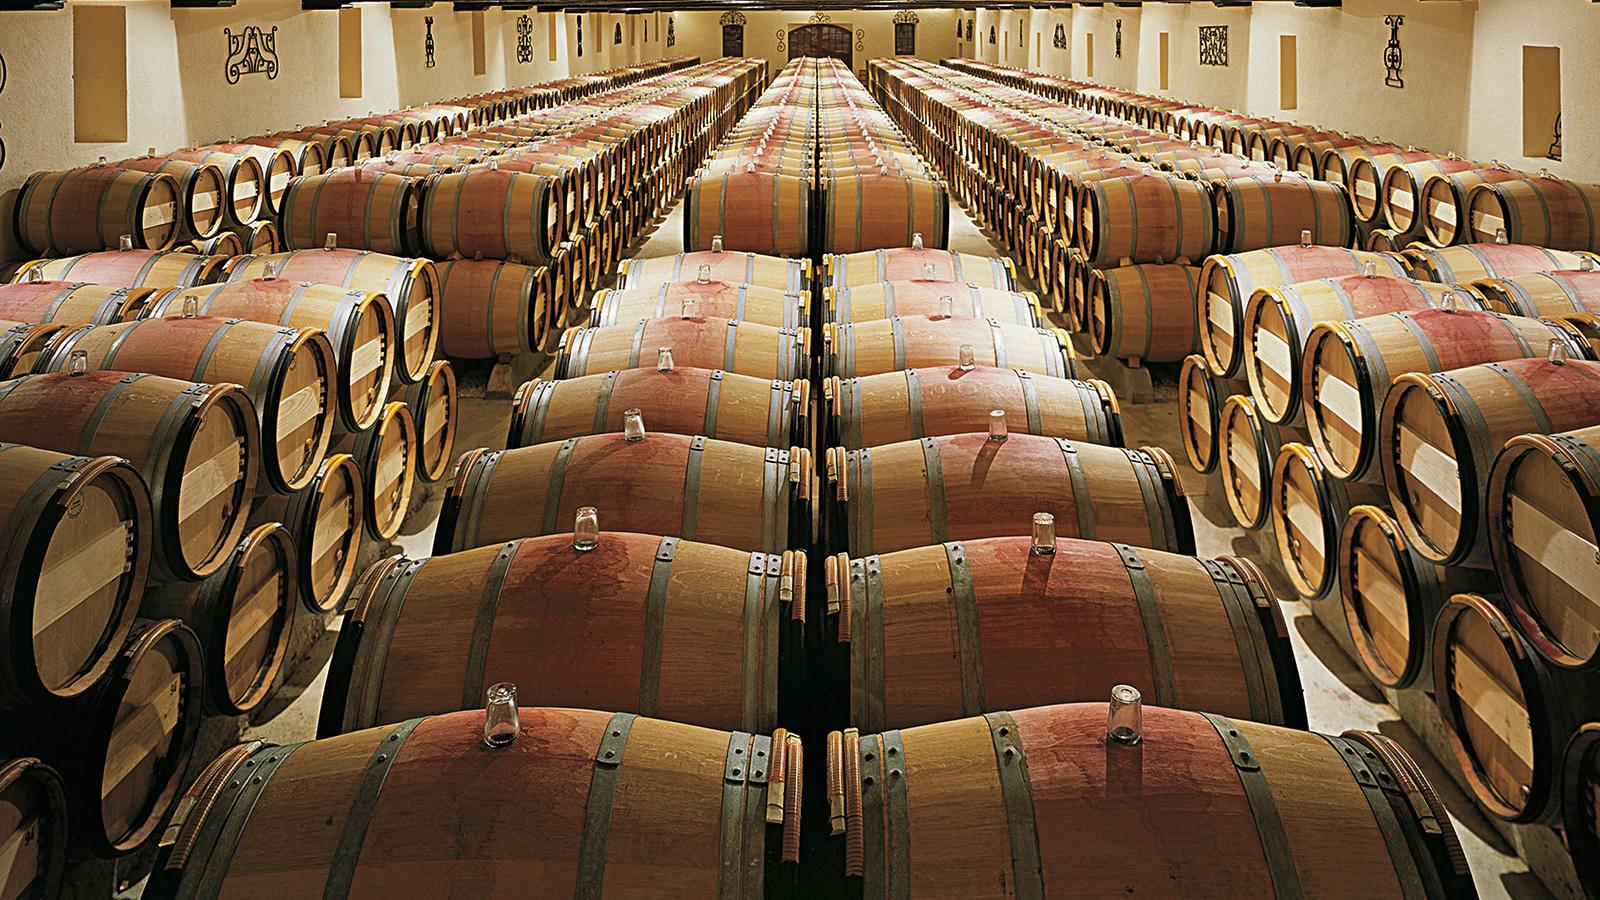 Chateau Margaux Red Wine Chteau Margaux Margaux 2004 1er